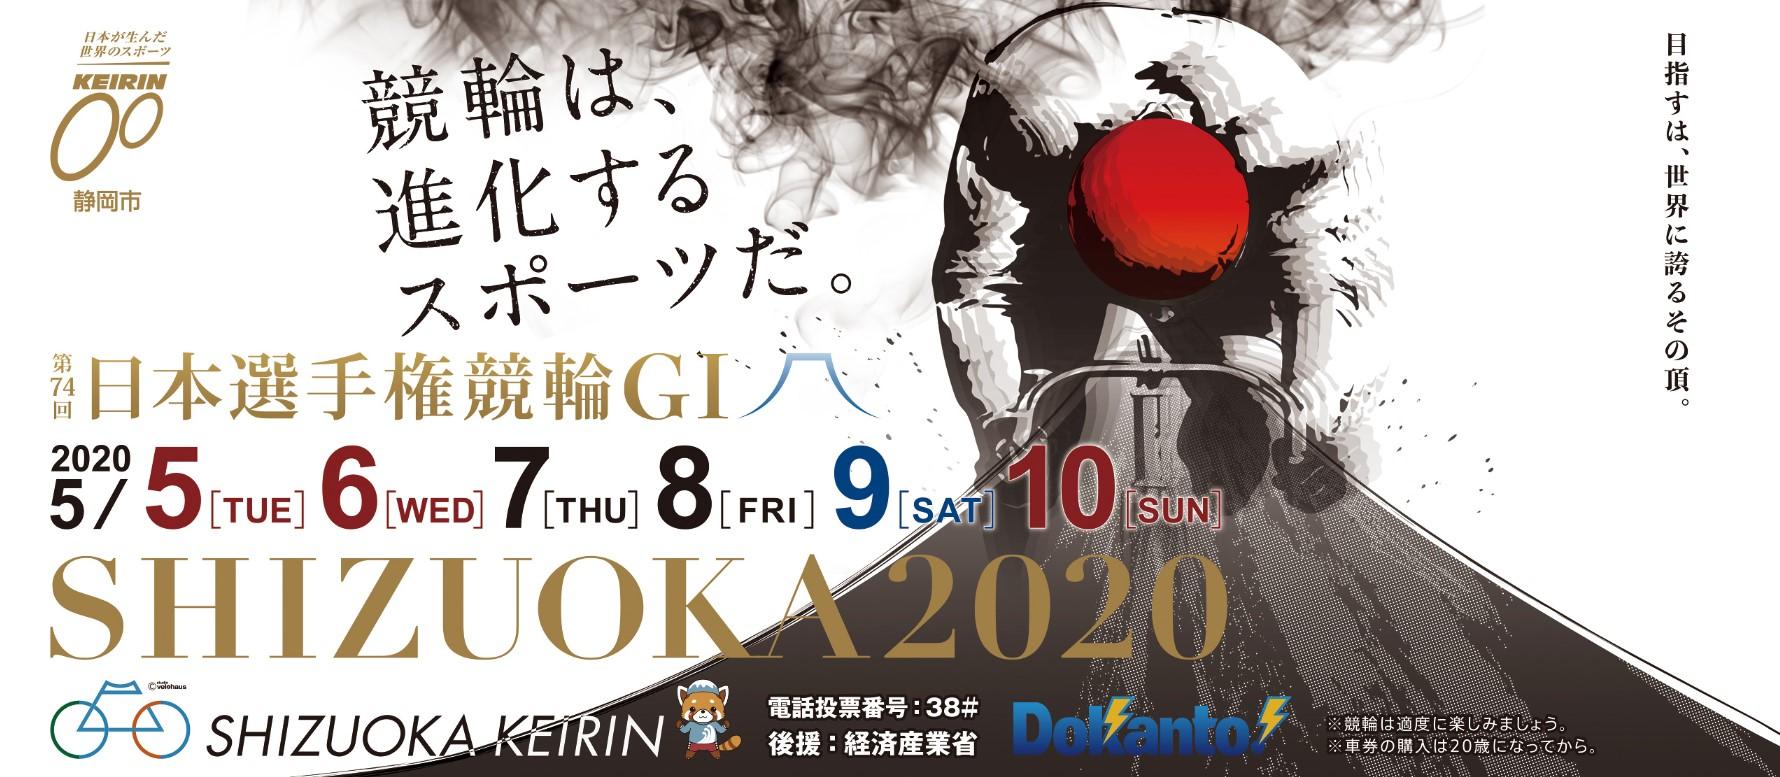 2020年 静岡競輪第74回日本選手権競輪(G1)の特徴